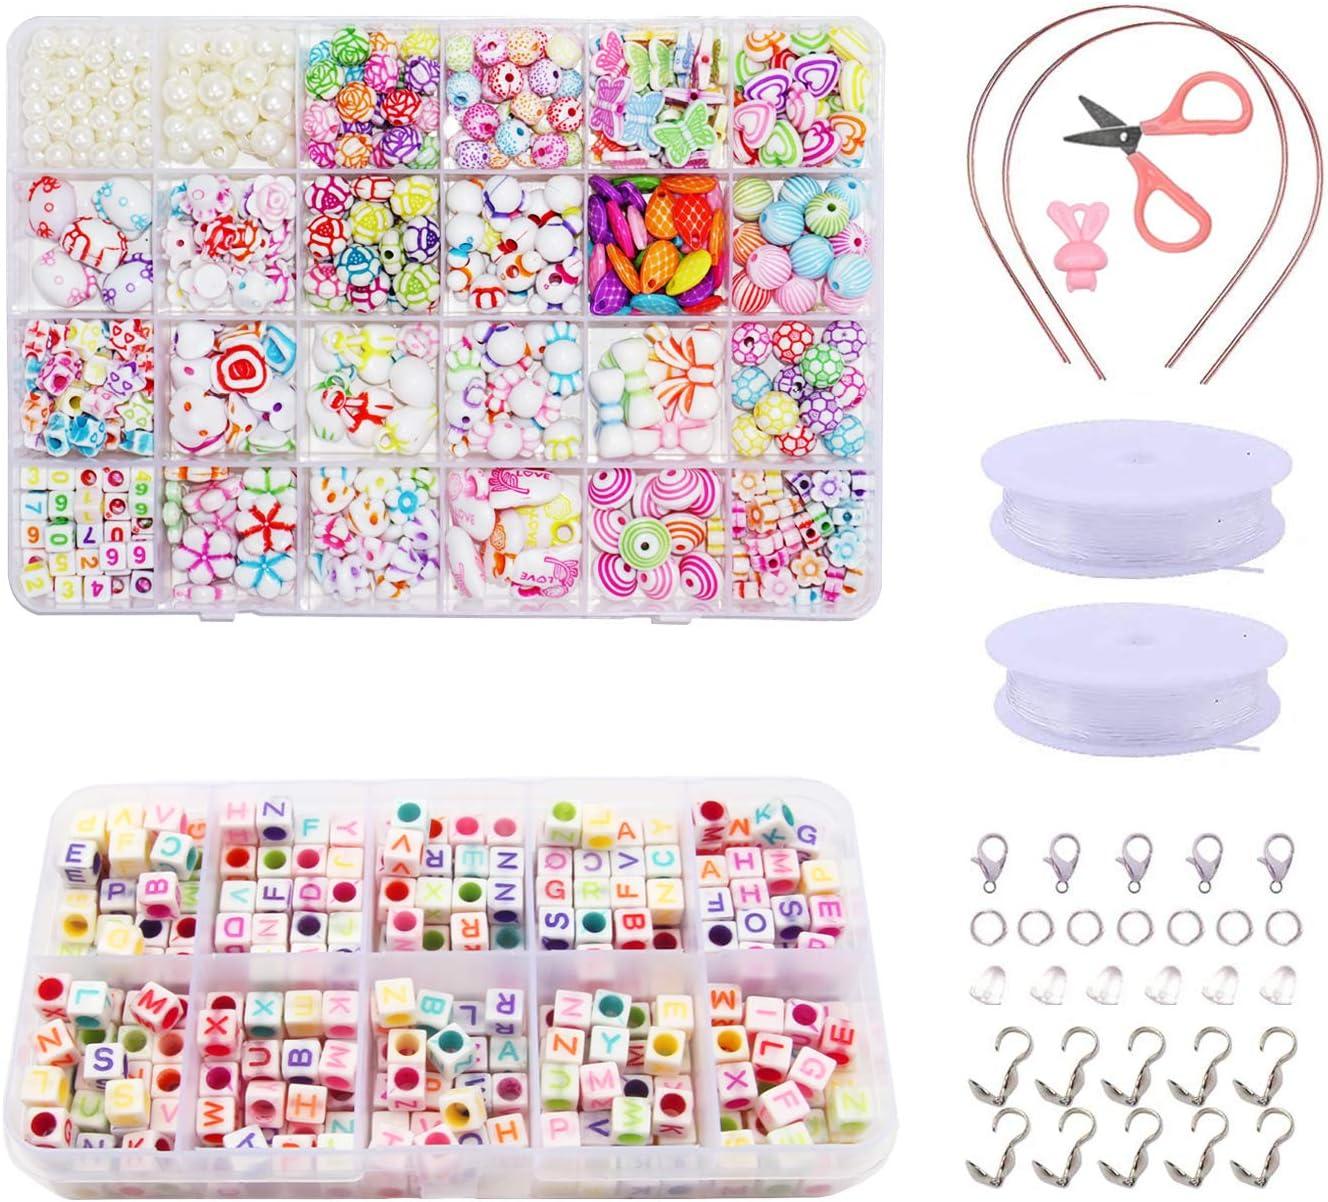 ZFYQ Bricolaje Conjunto de Cuentas de Niños, Cuentas Coloridas para Hacer Joyas para Niños Pulseras de Bricolaje Cuentas de Collares